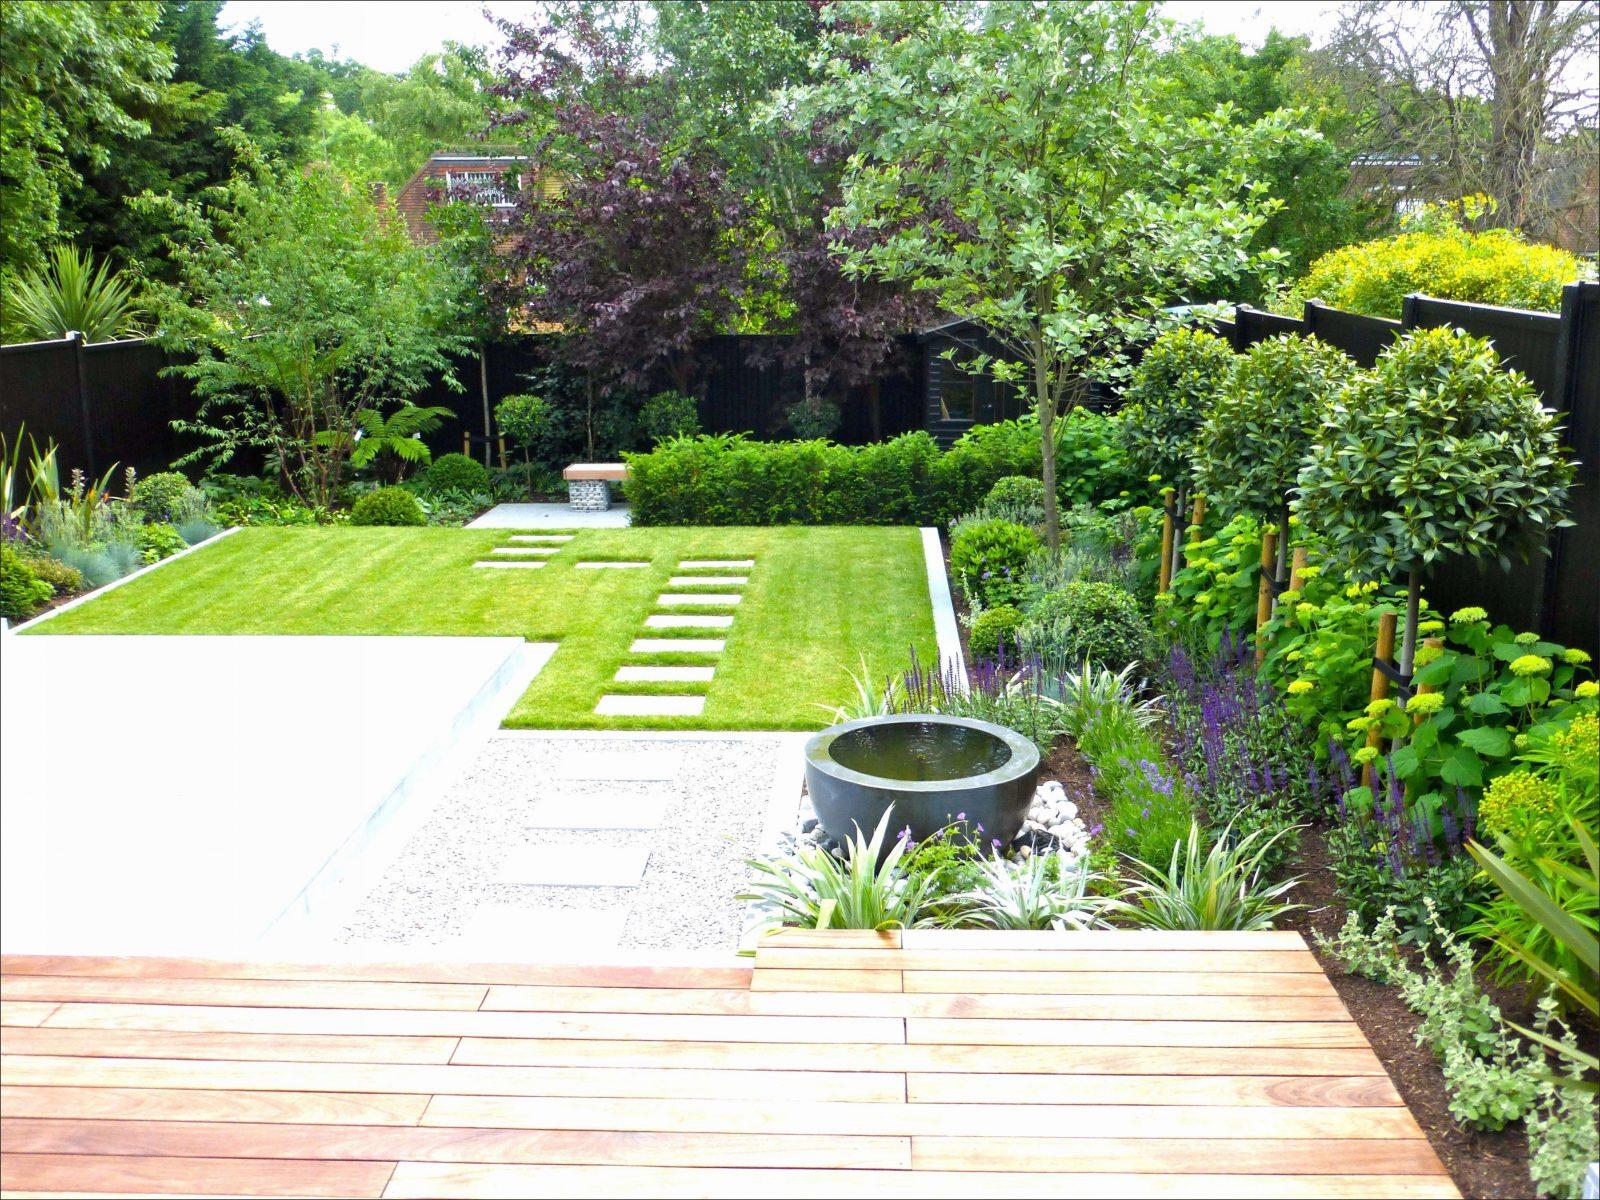 37 Frisch Kleinen Garten Gestalten Vorher Nachher Schema Von Ideen von Ideen Für Kleine Reihenhausgärten Bild